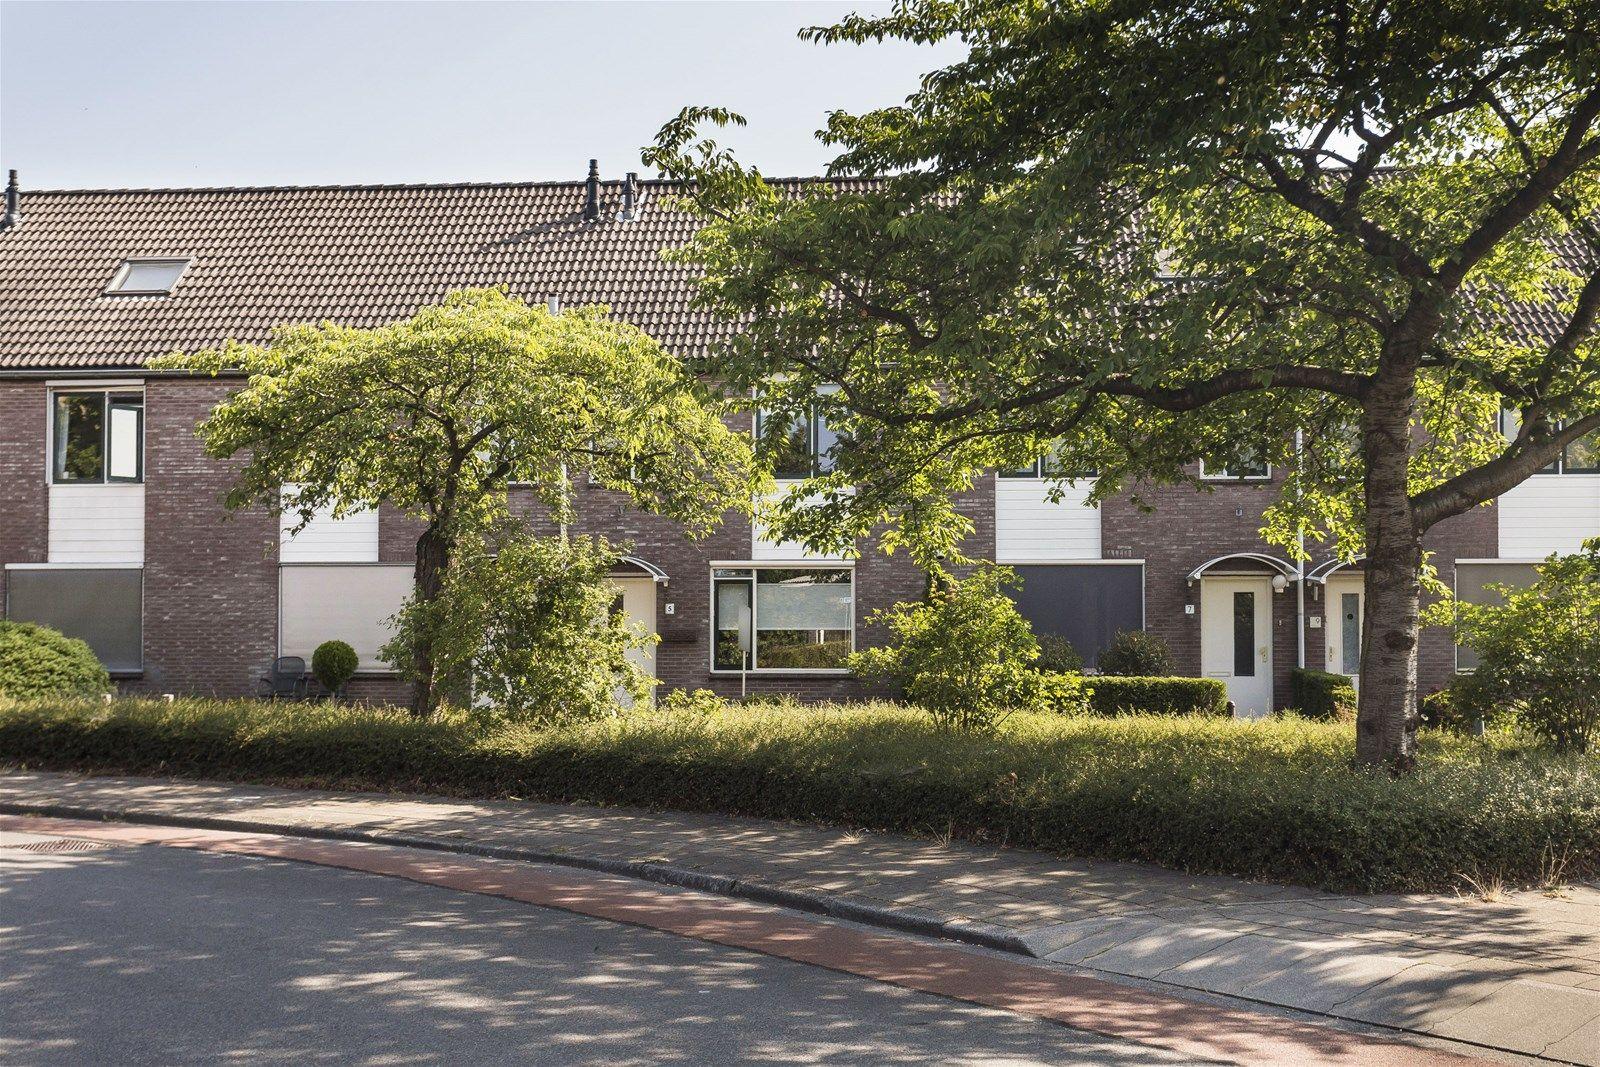 Zuiderlaan 5, Apeldoorn